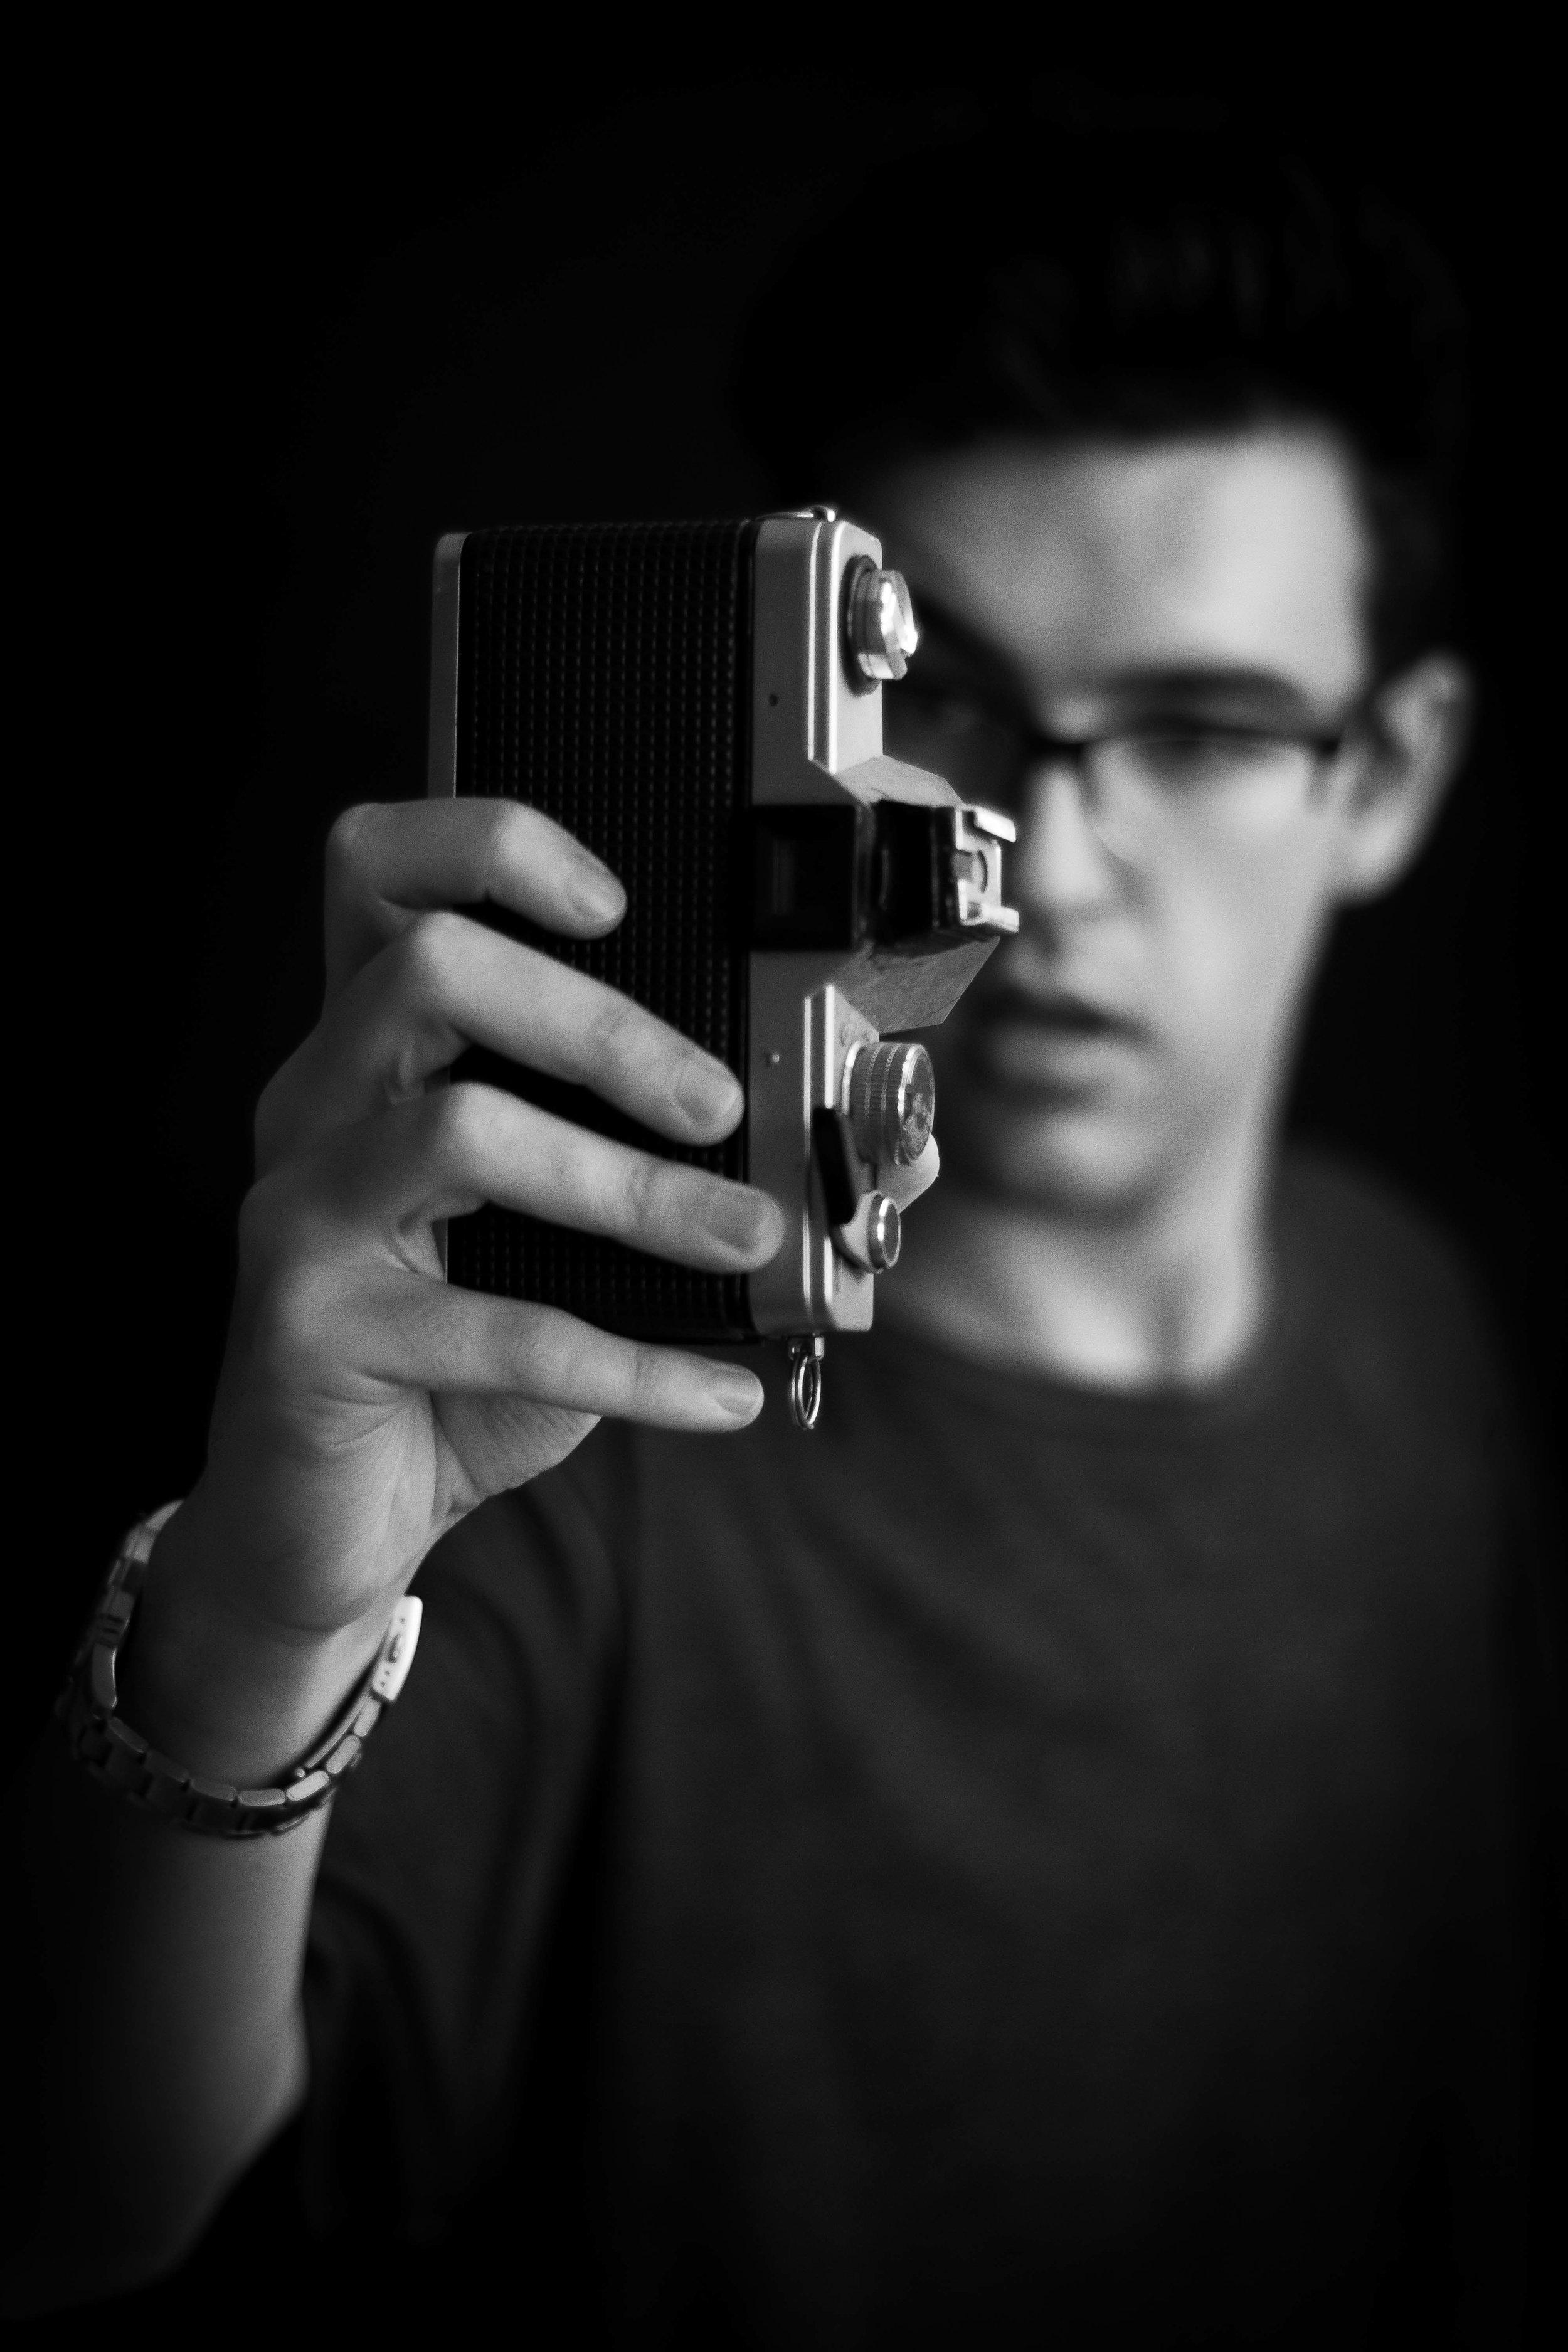 dicas fotografia aprender a fotografar com o celular sem camera profissional